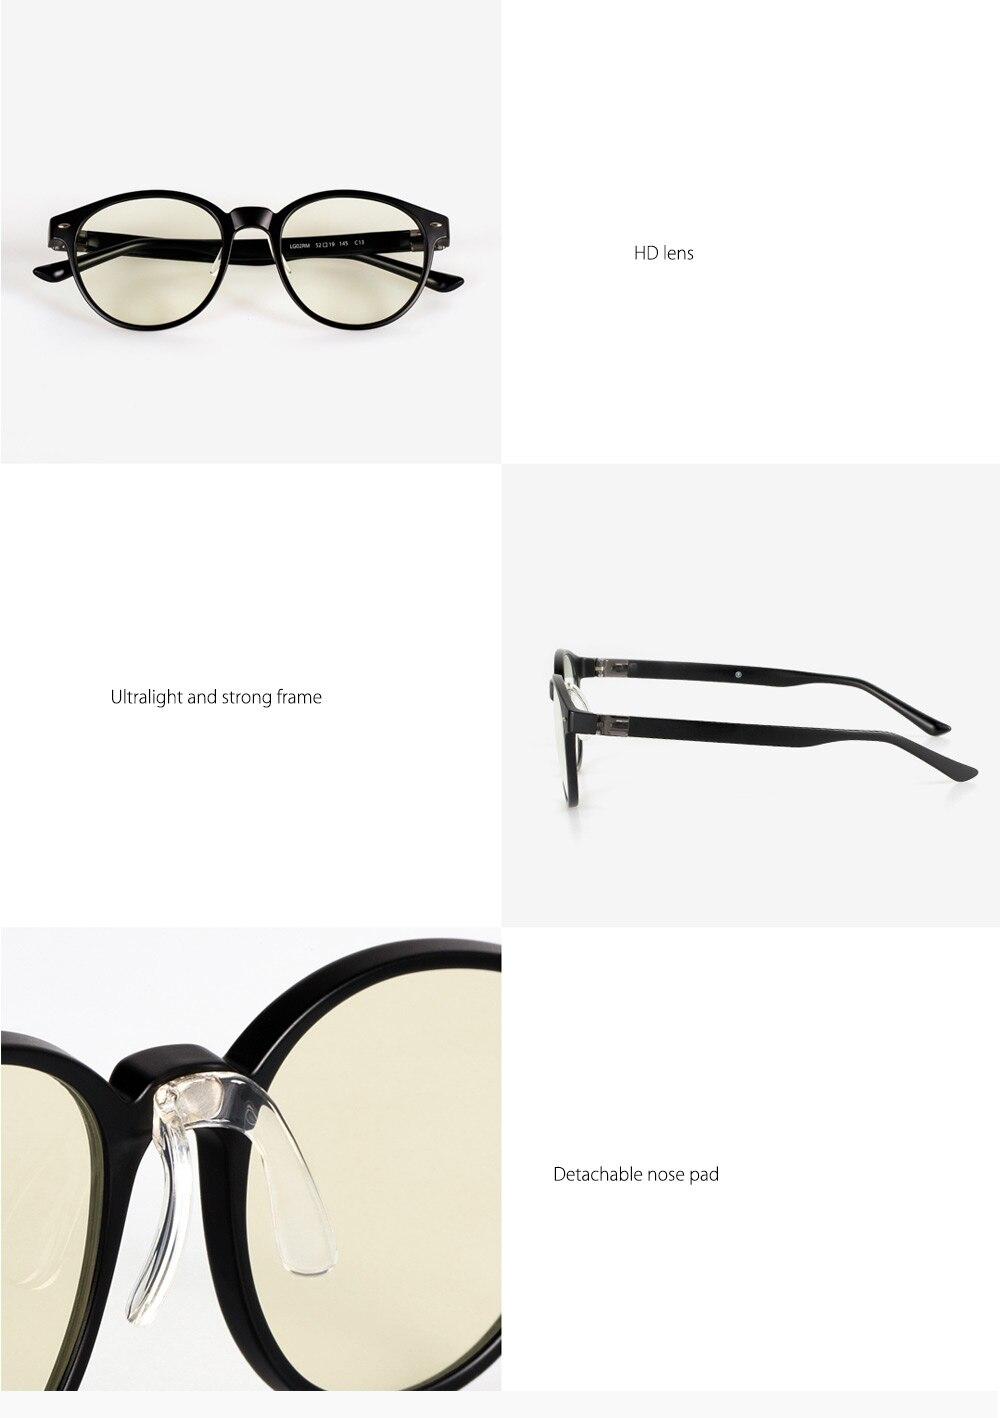 Xiaomi Mijia ROIDMI B1 protecteur oculaire amovible Anti-rayons bleus pour homme femme jouer au téléphone/ordinateur/jeux/W1 - 3